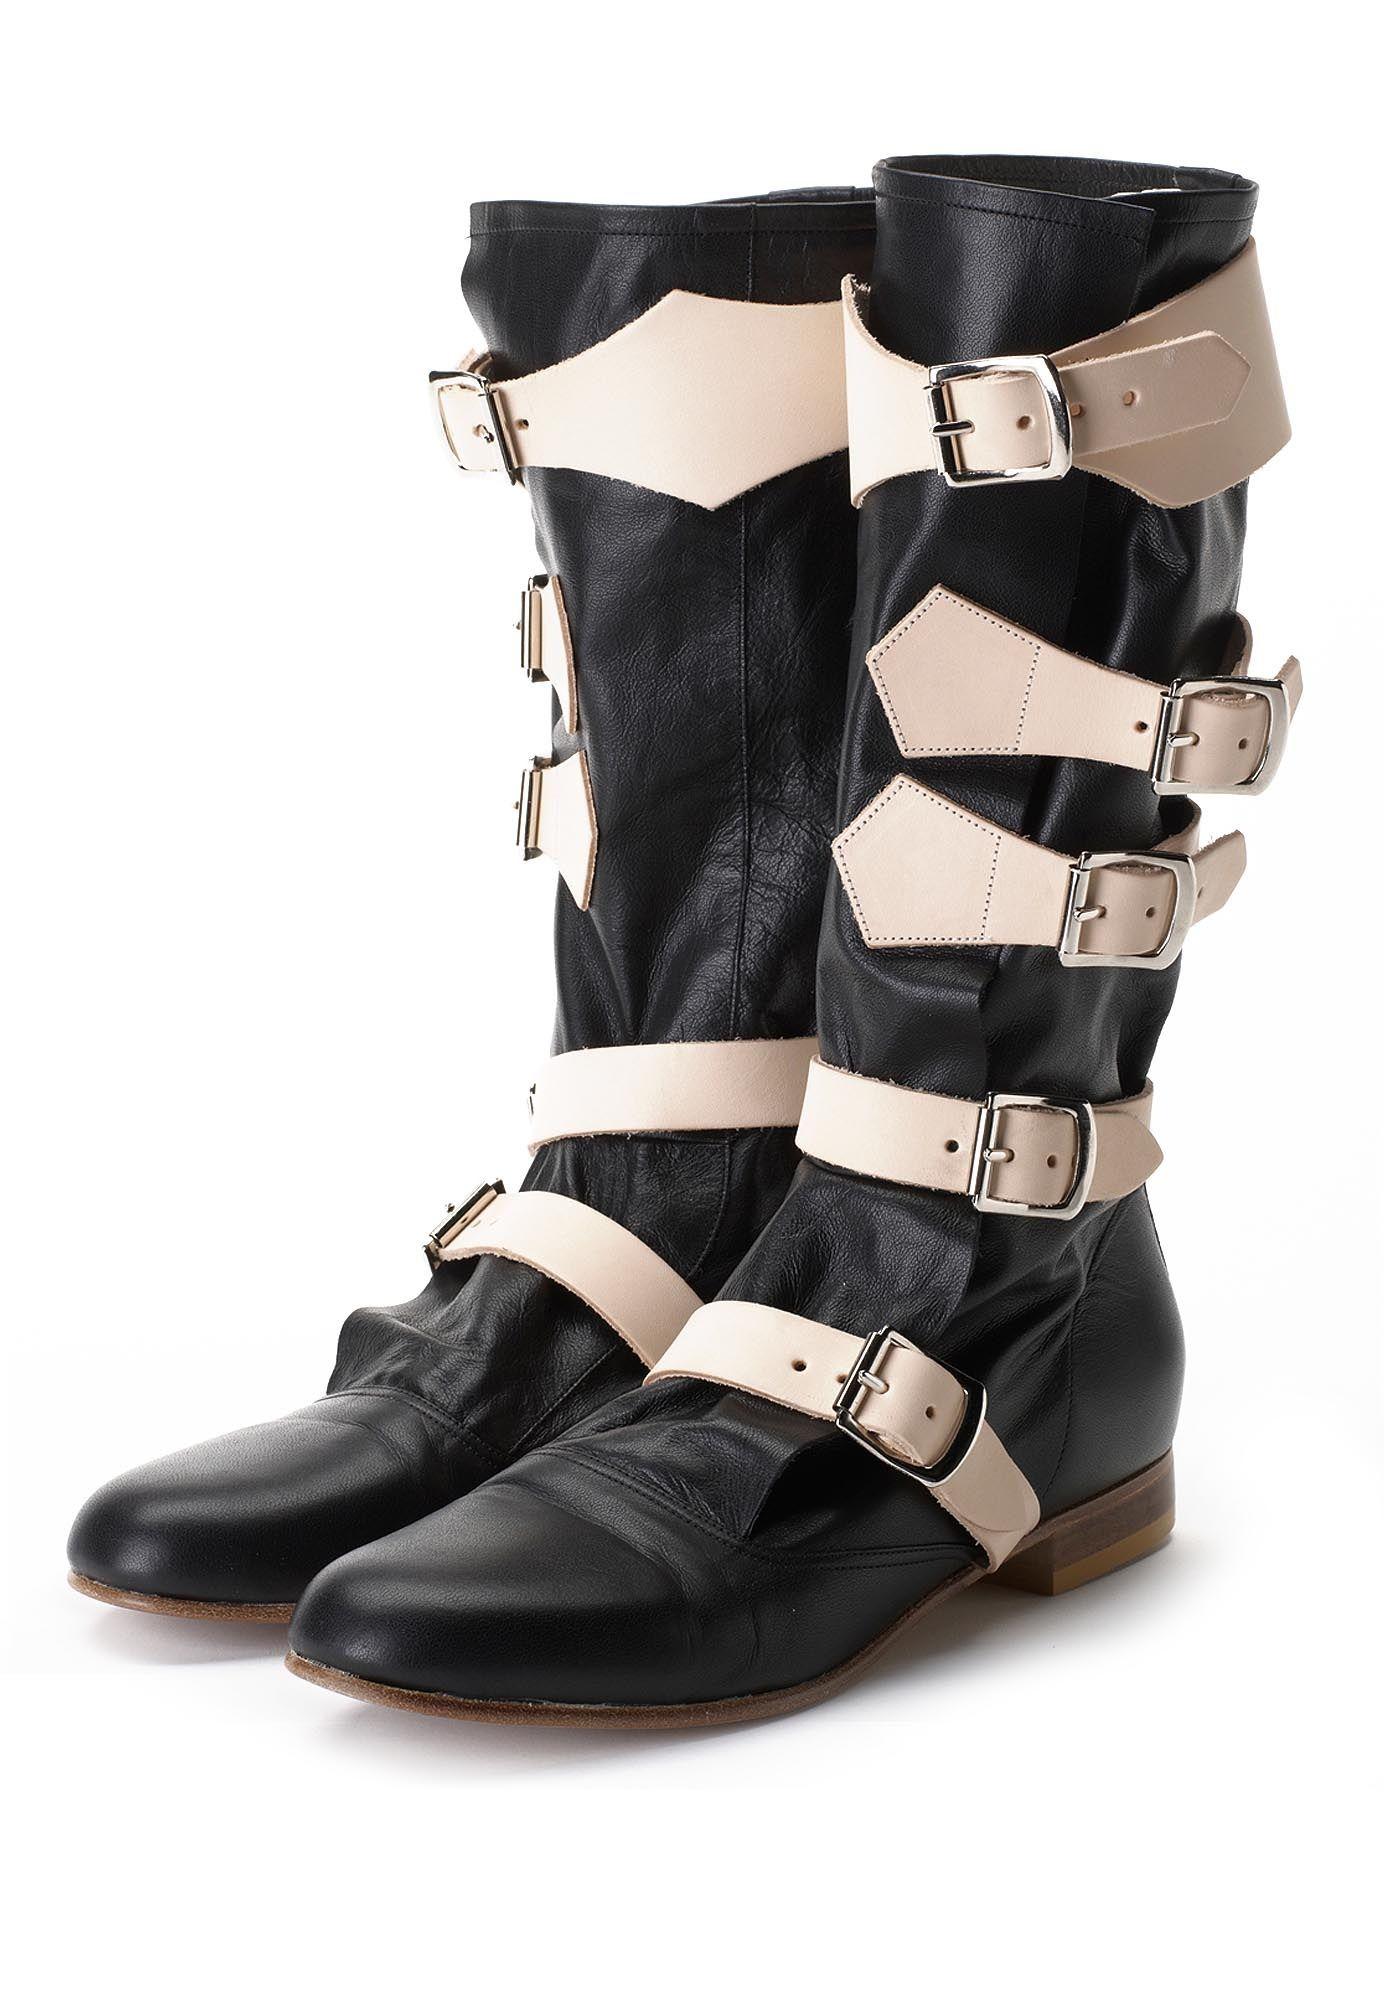 FOOTWEAR - Boots Vivienne Westwood argZX